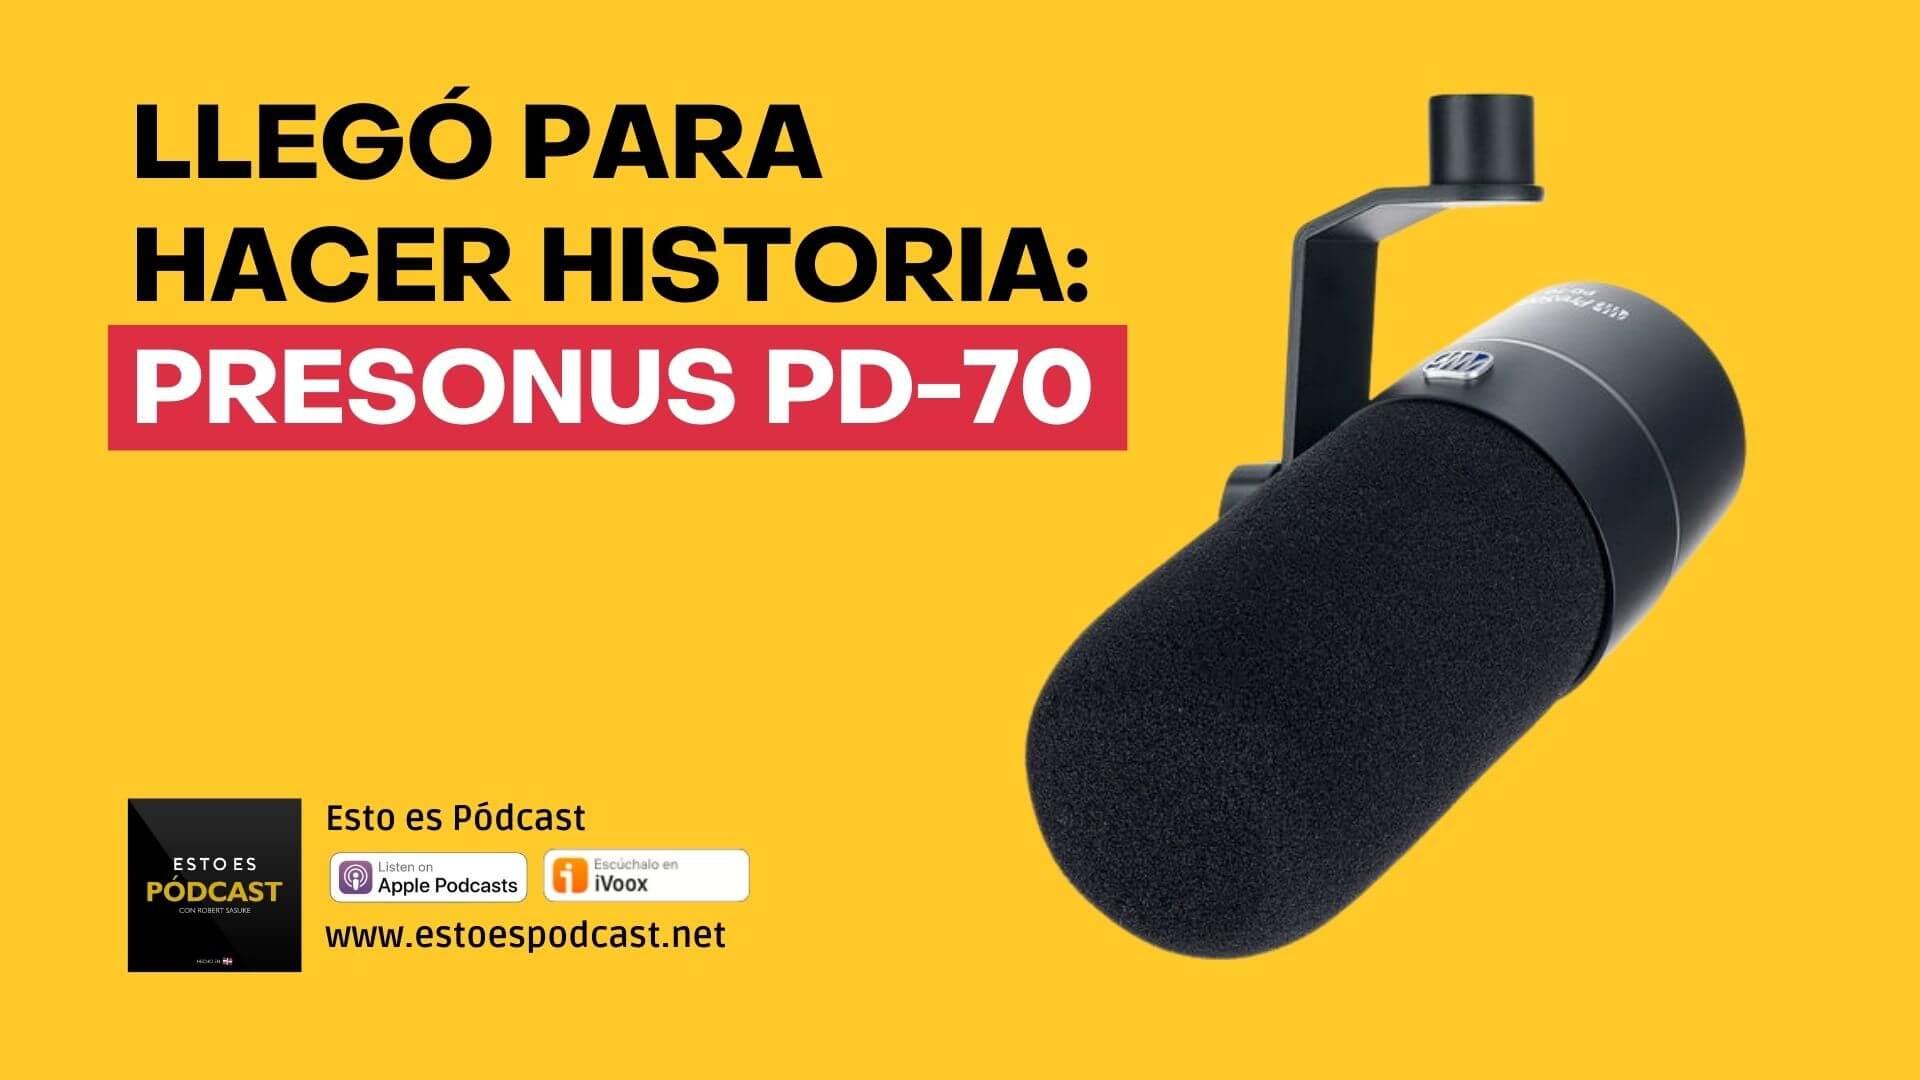 El Micrófono que llegó para hacer historia: PreSonus PD-70